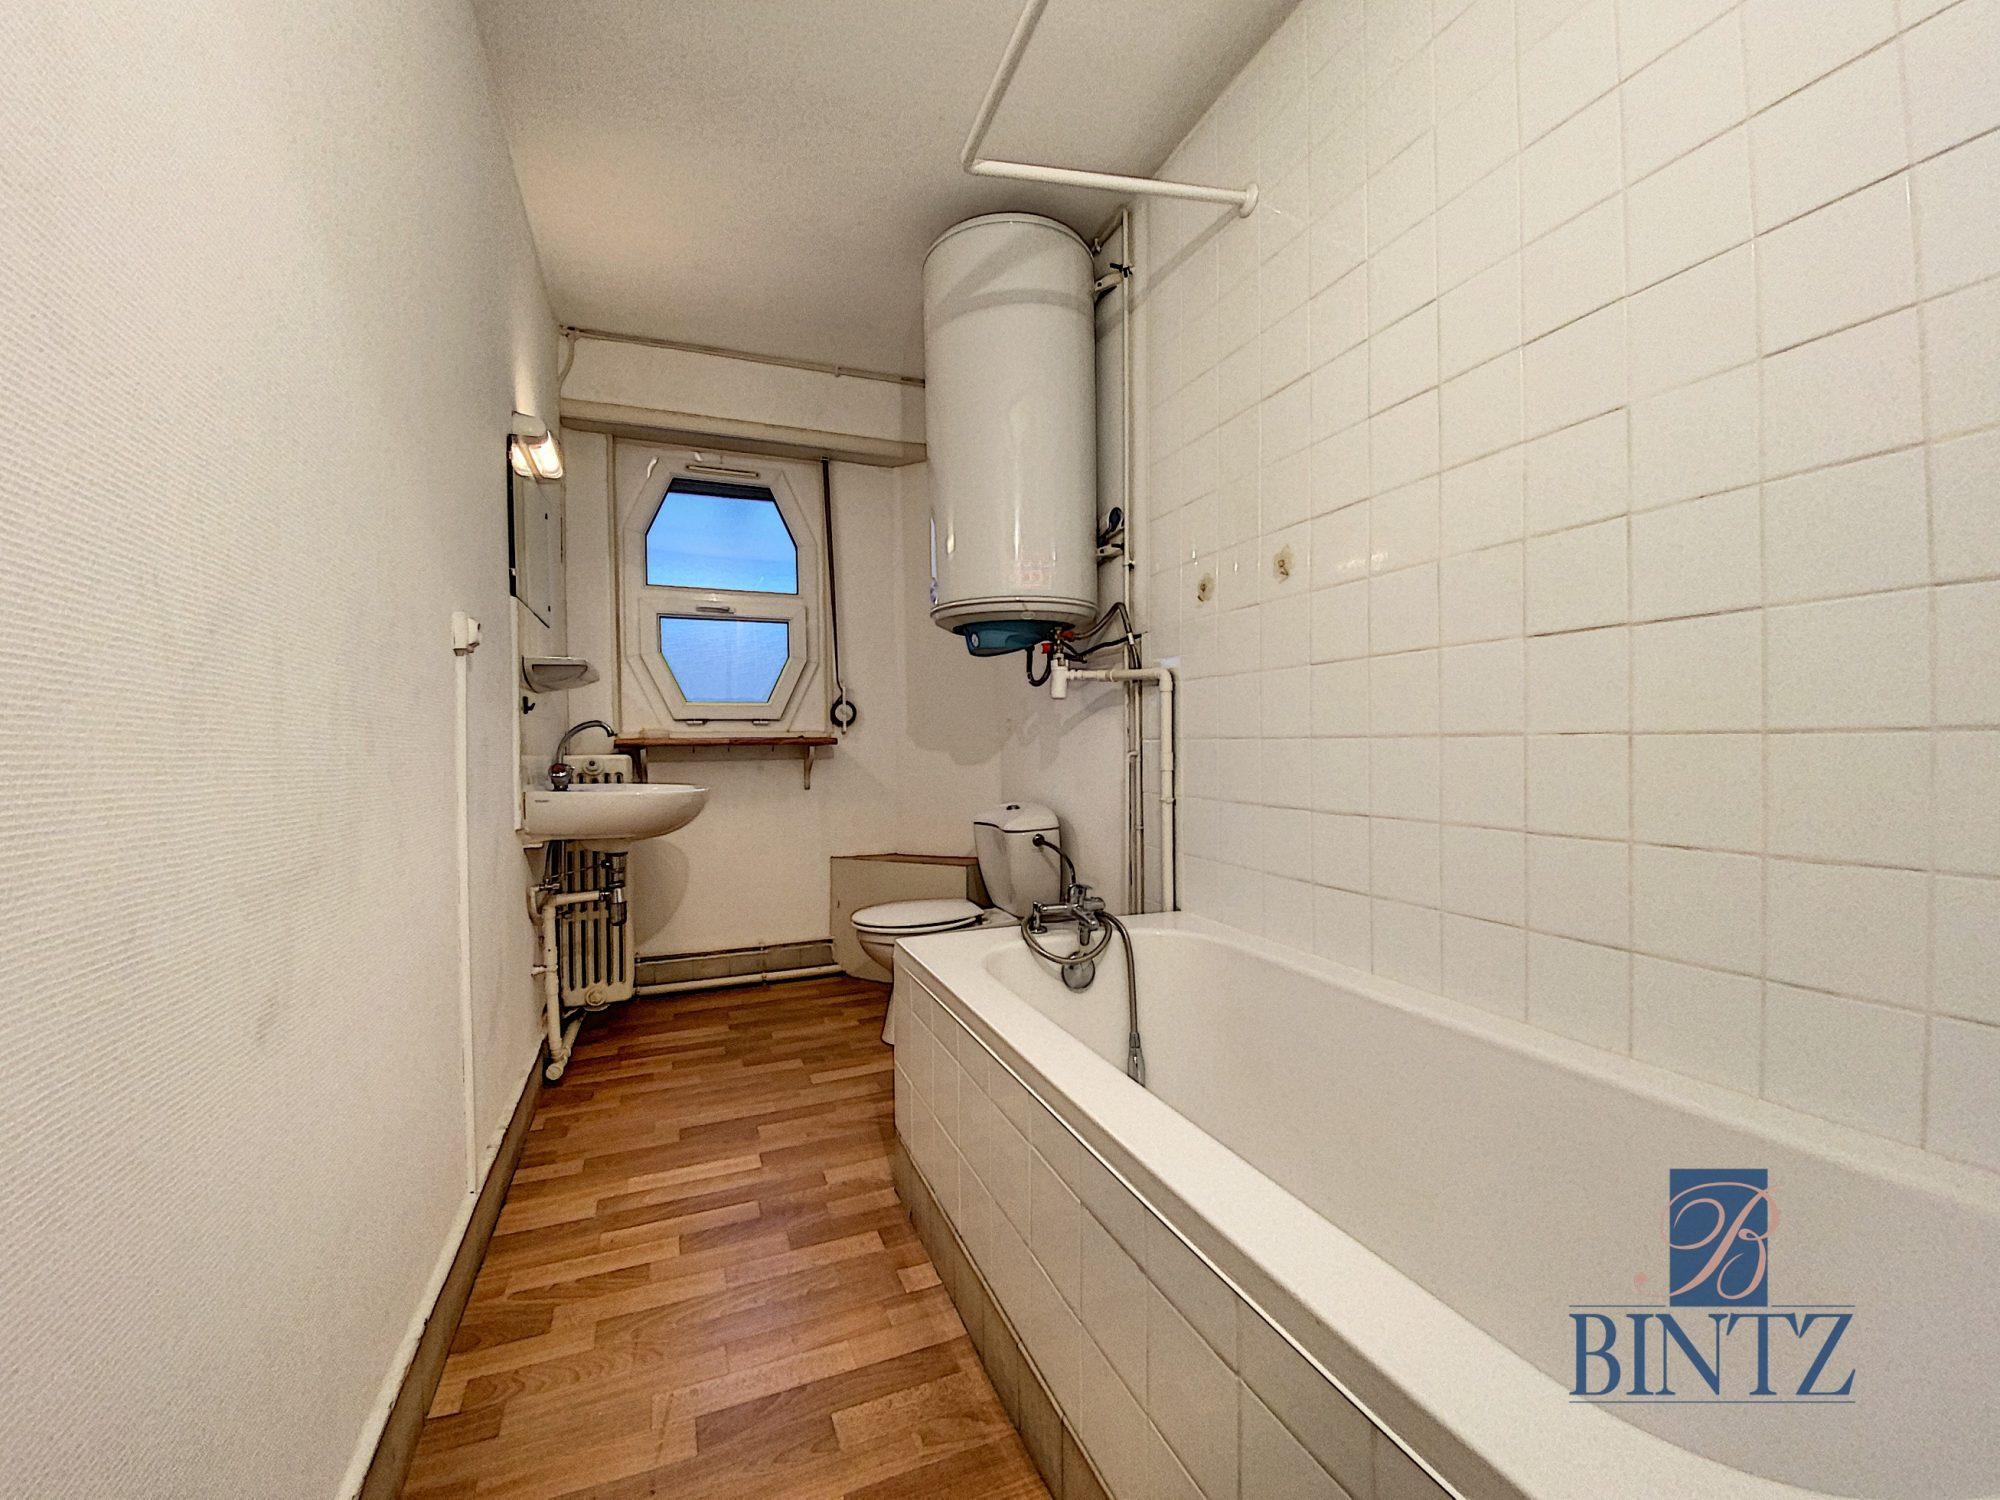 T1 KRUTENAU AVEC BALCON - Devenez locataire en toute sérénité - Bintz Immobilier - 6